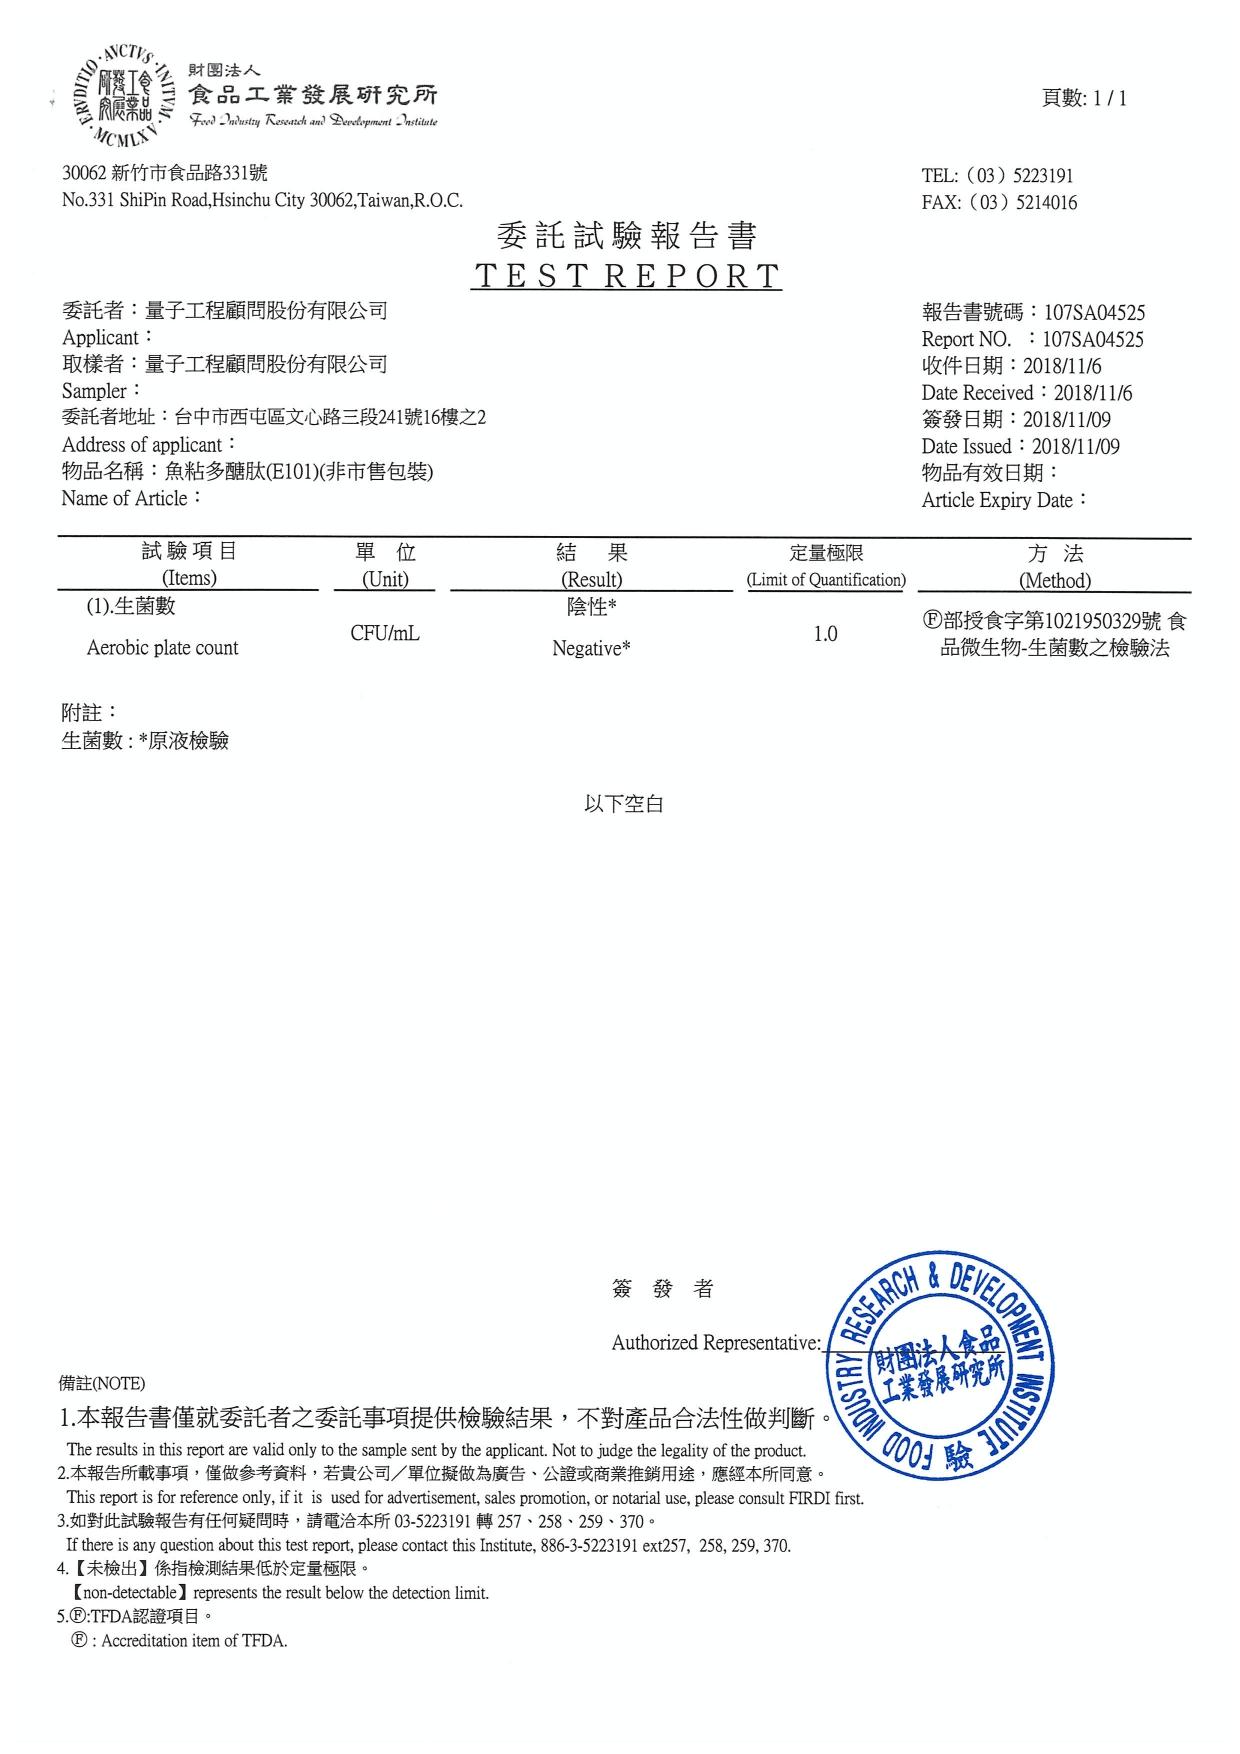 R003-食品所-生茵數試驗報告